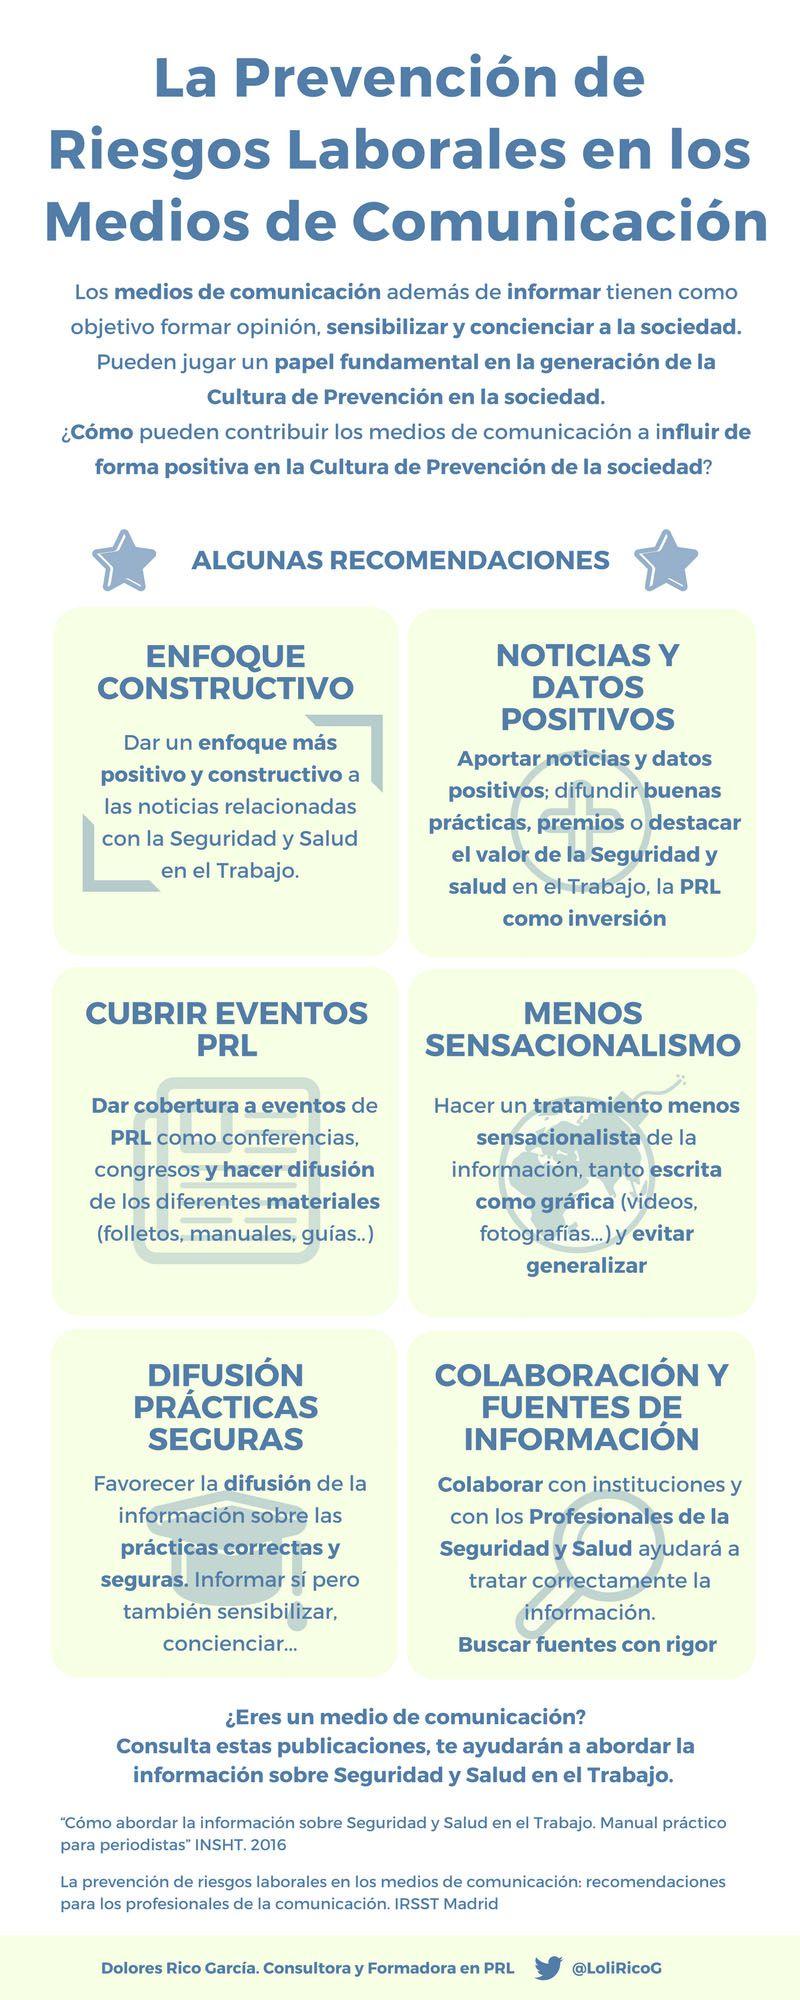 PRL EN MEDIOS DE COMUNICACION